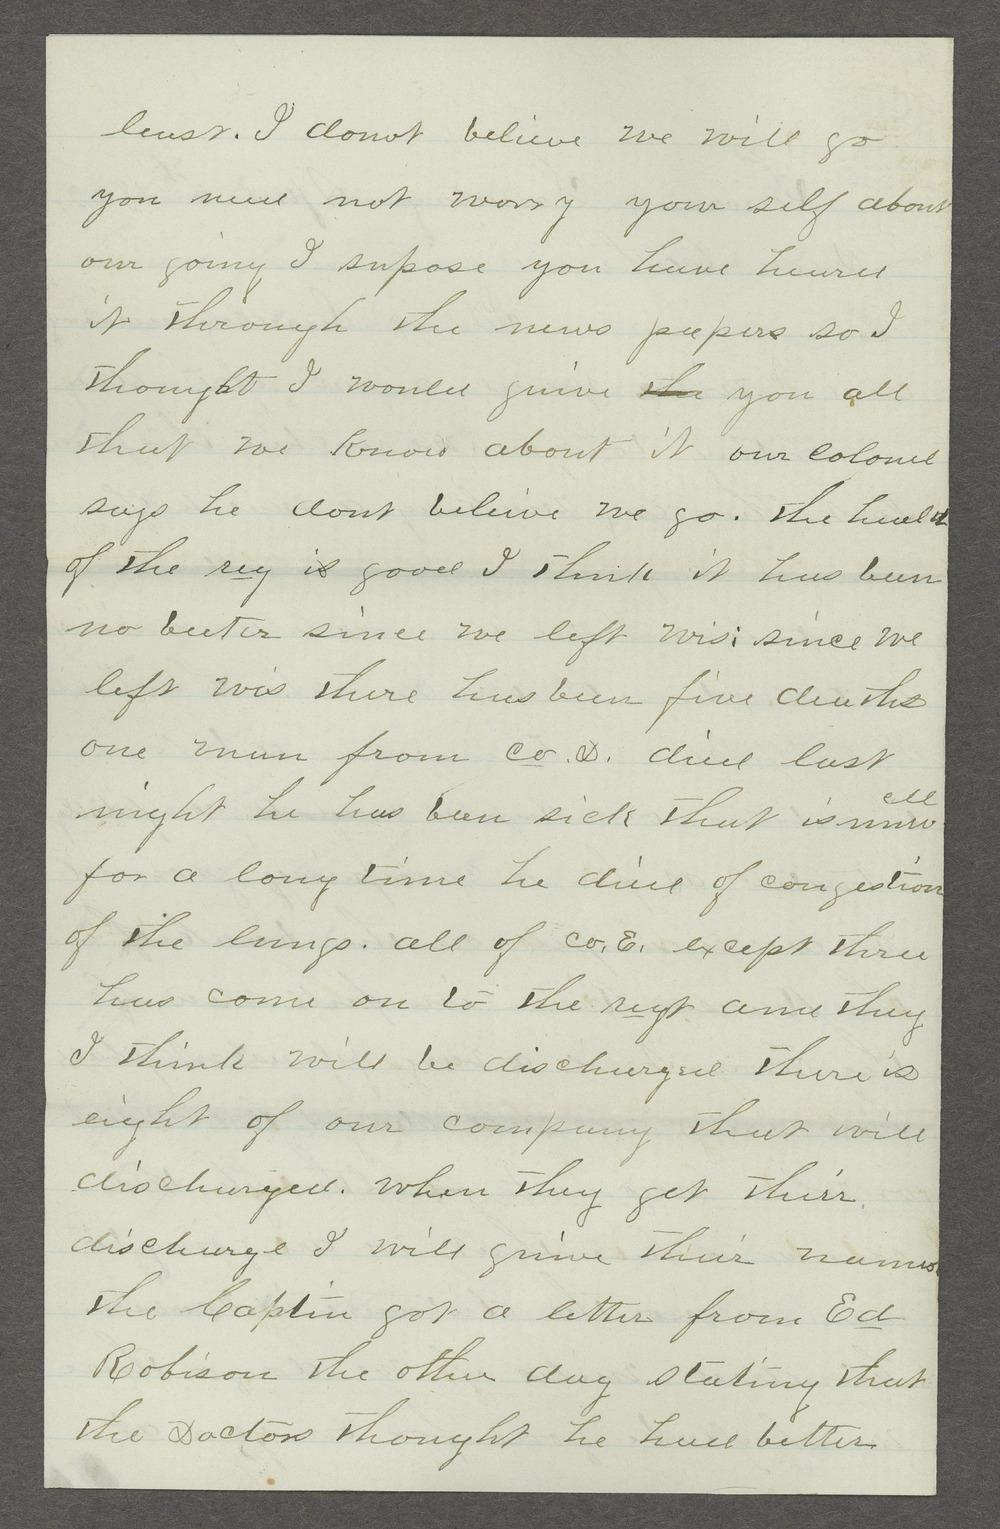 Aiken J. Sexton correspondence - 10